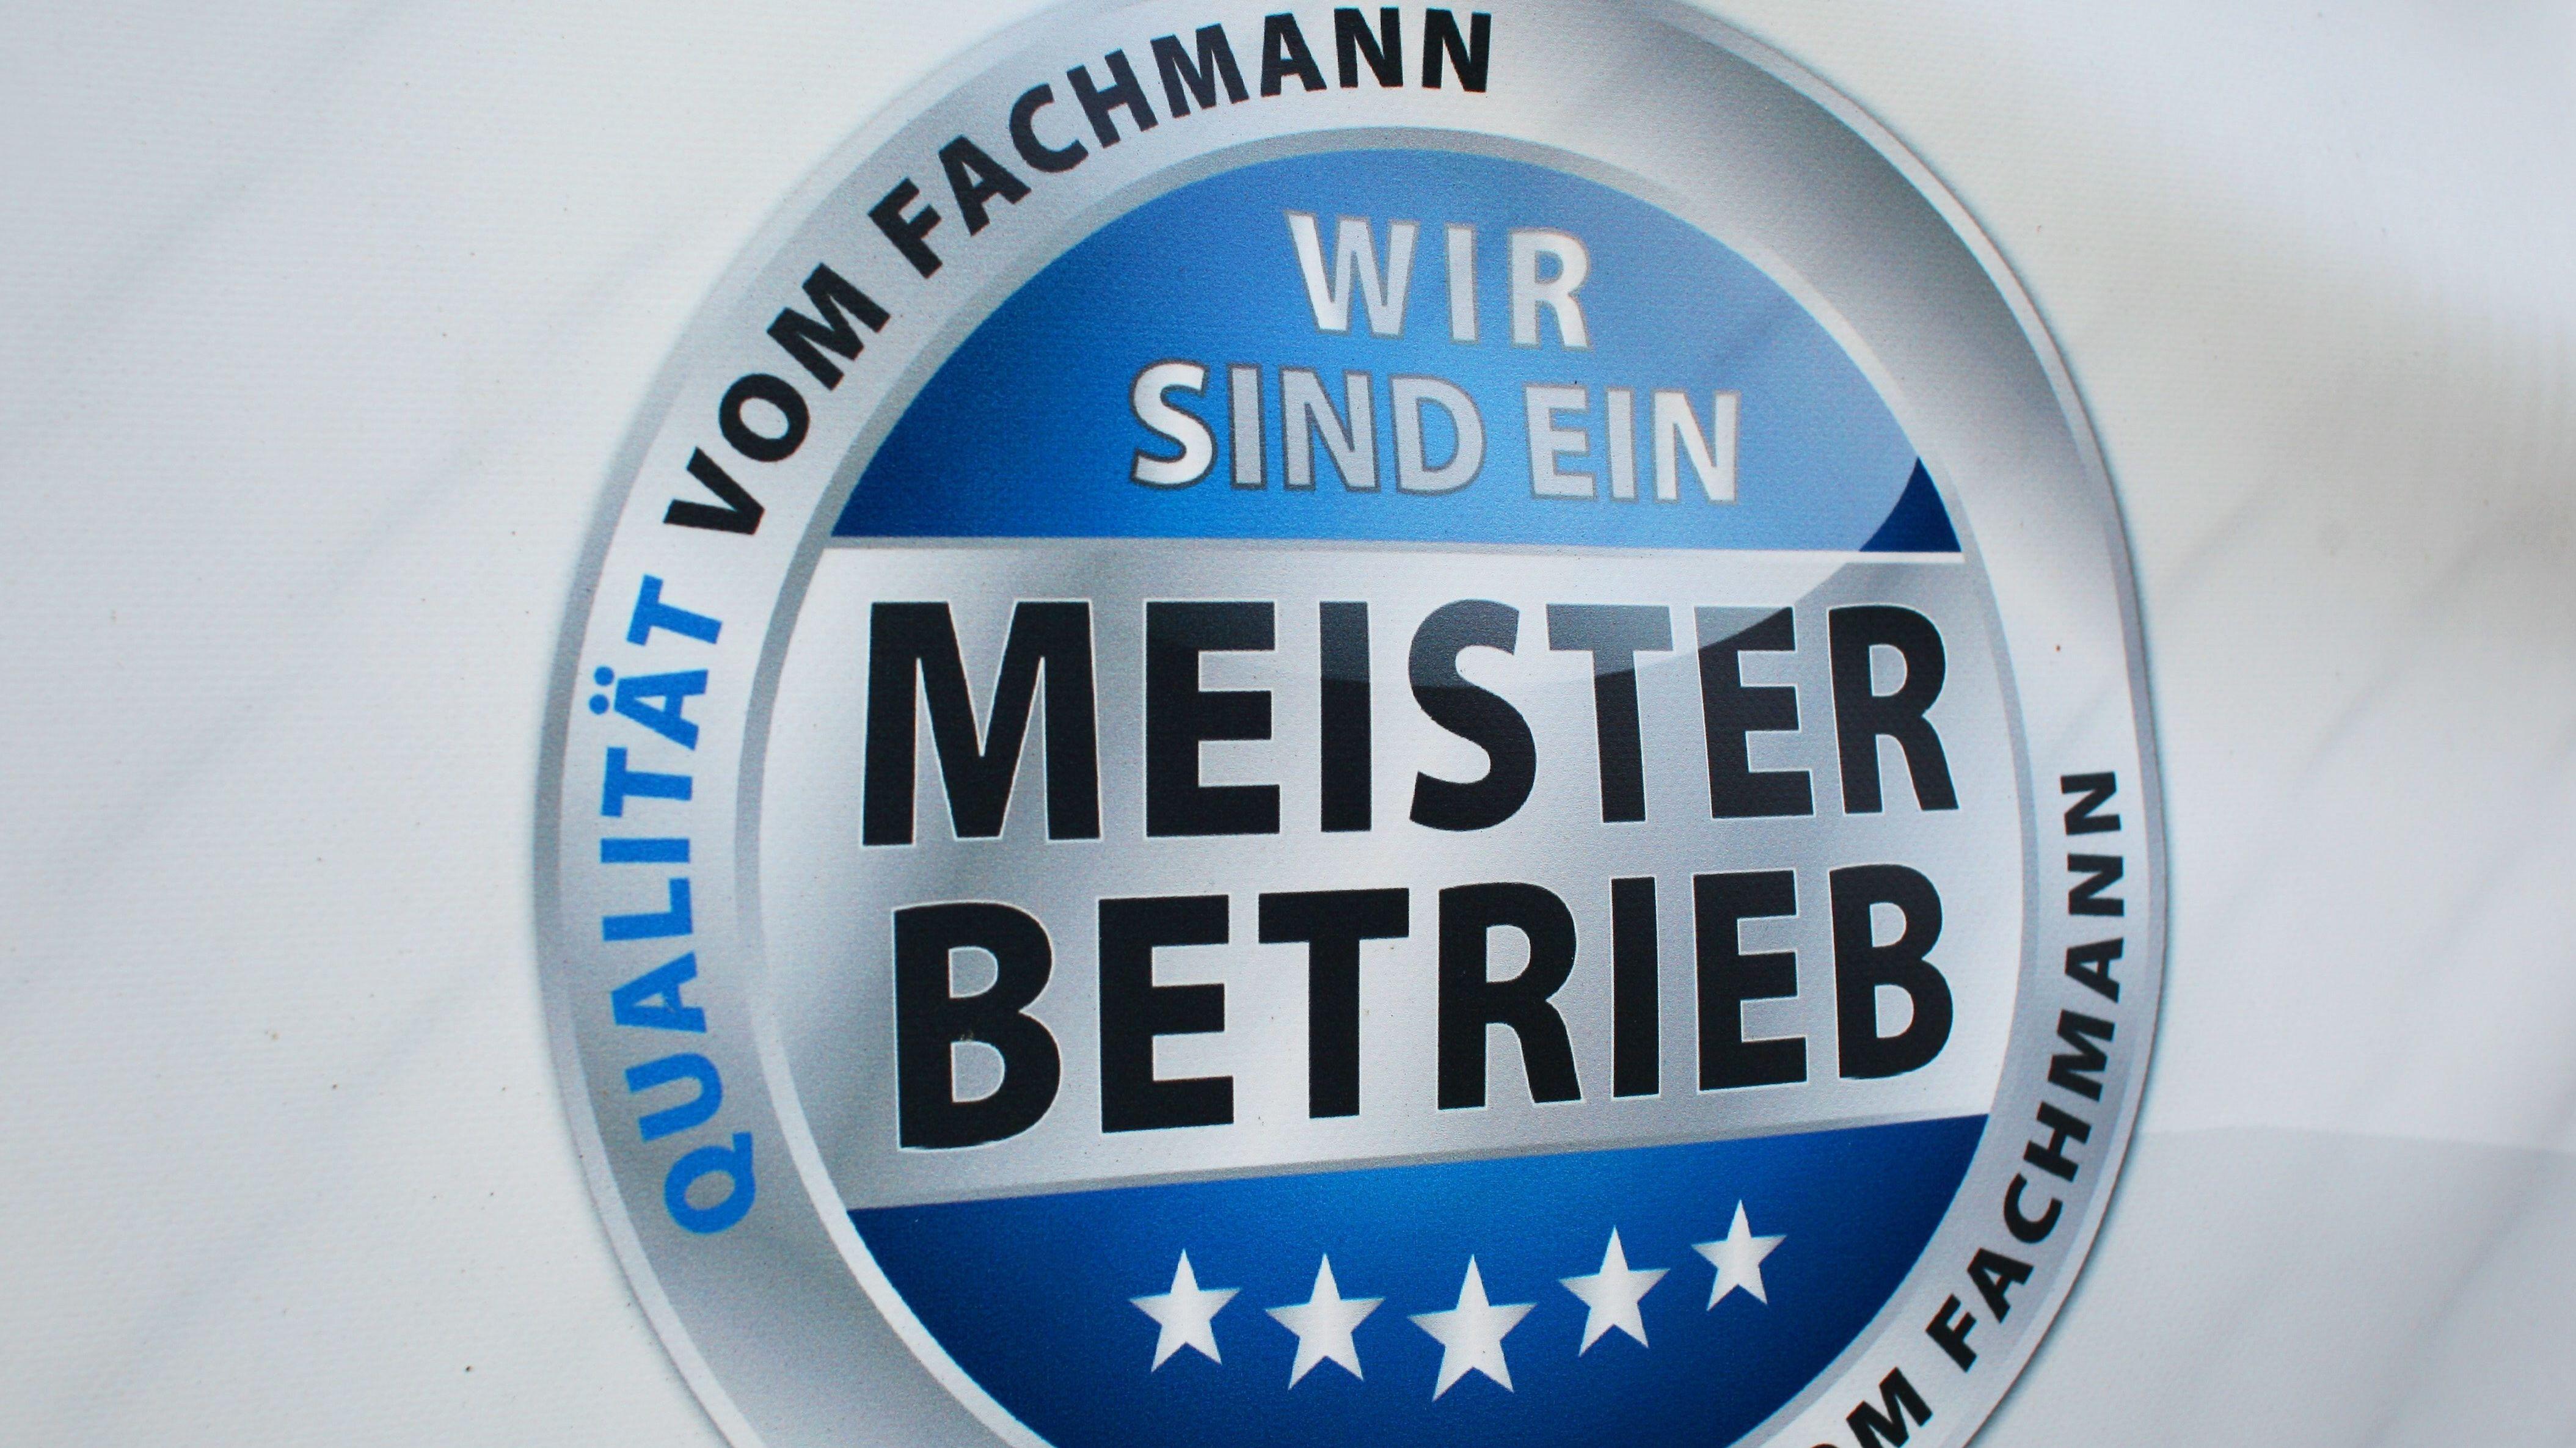 Ein Siegel auf einem Schild weist eine KFZ-Werkstatt als Meisterwerkstatt aus